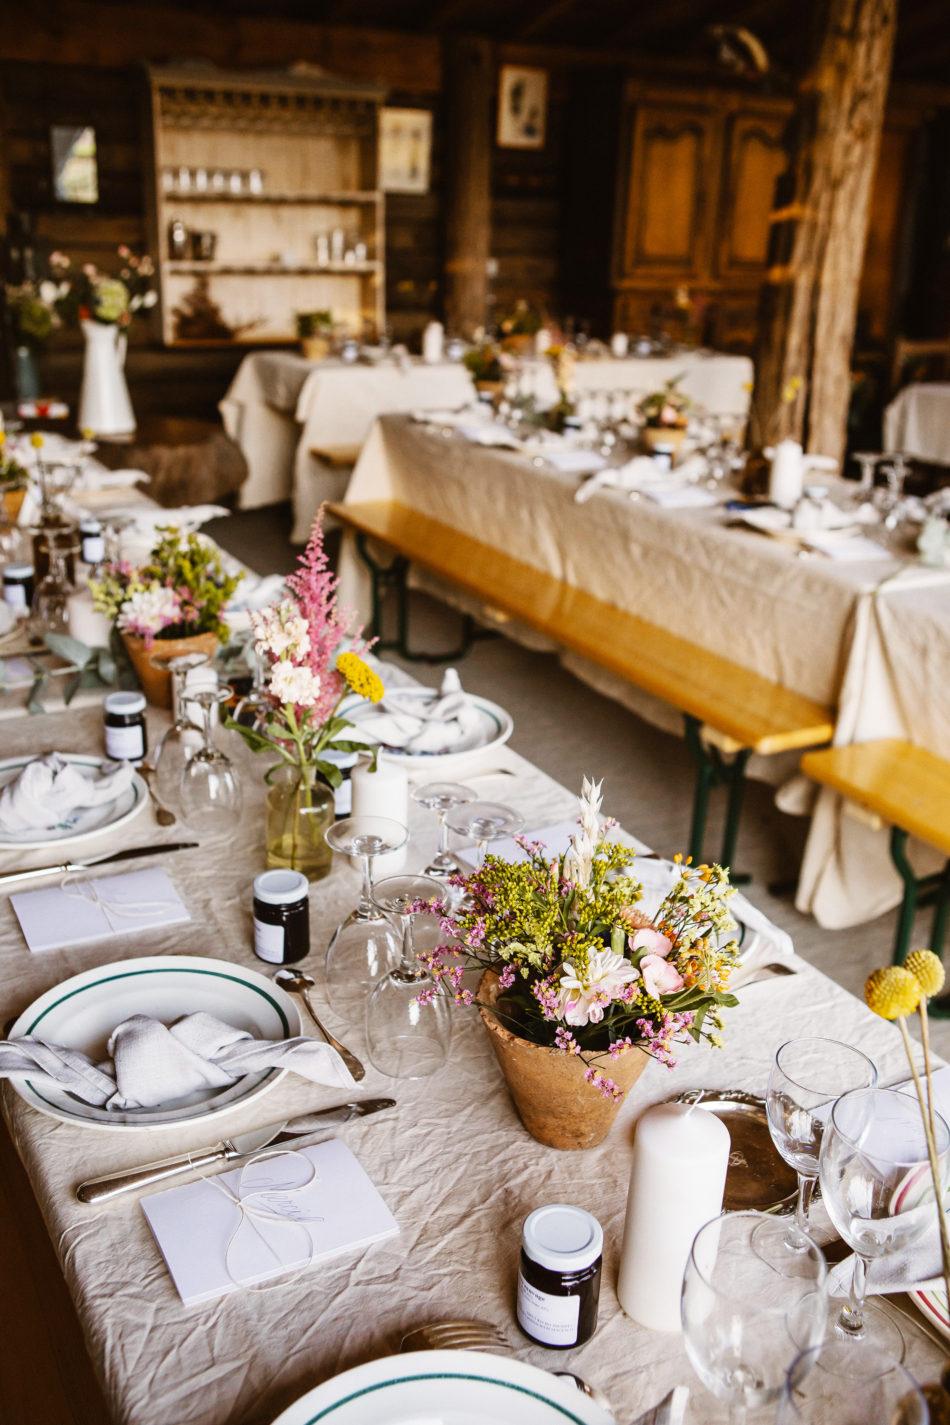 idée de table de mariage avec des fleurs sechées